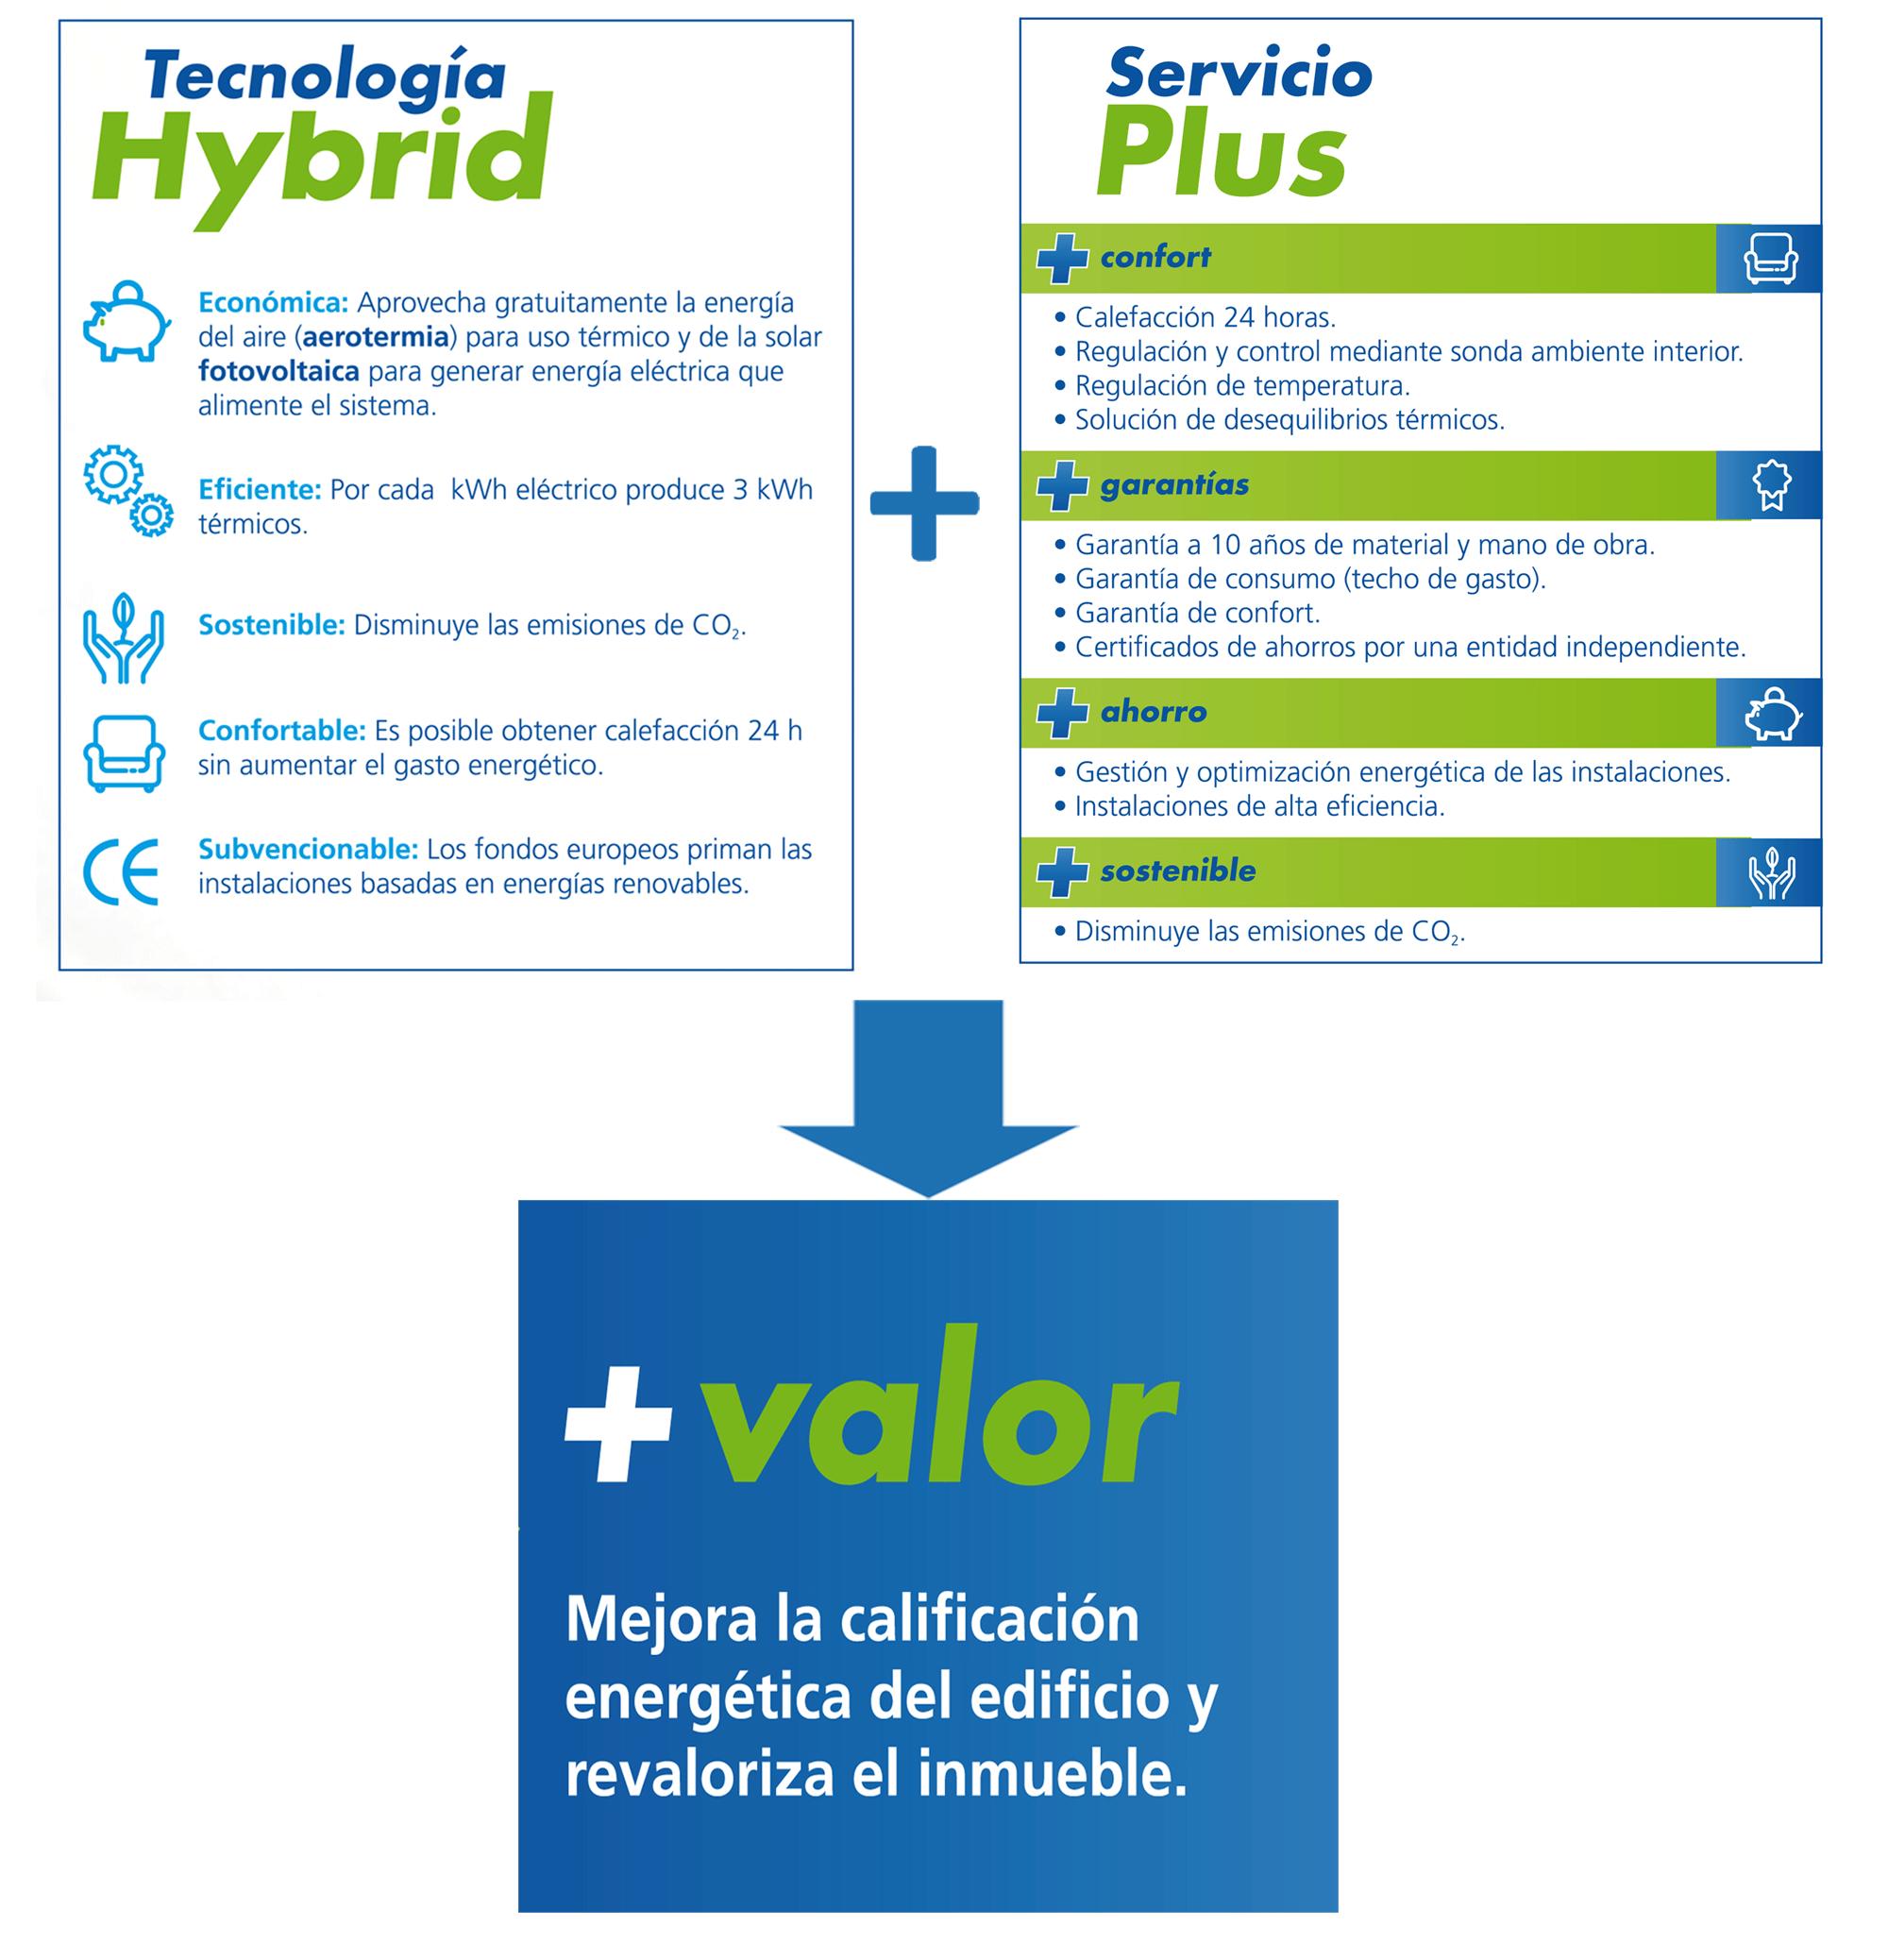 Tecnología Hybrid y servicio Plus: la fórmula del calor más económico